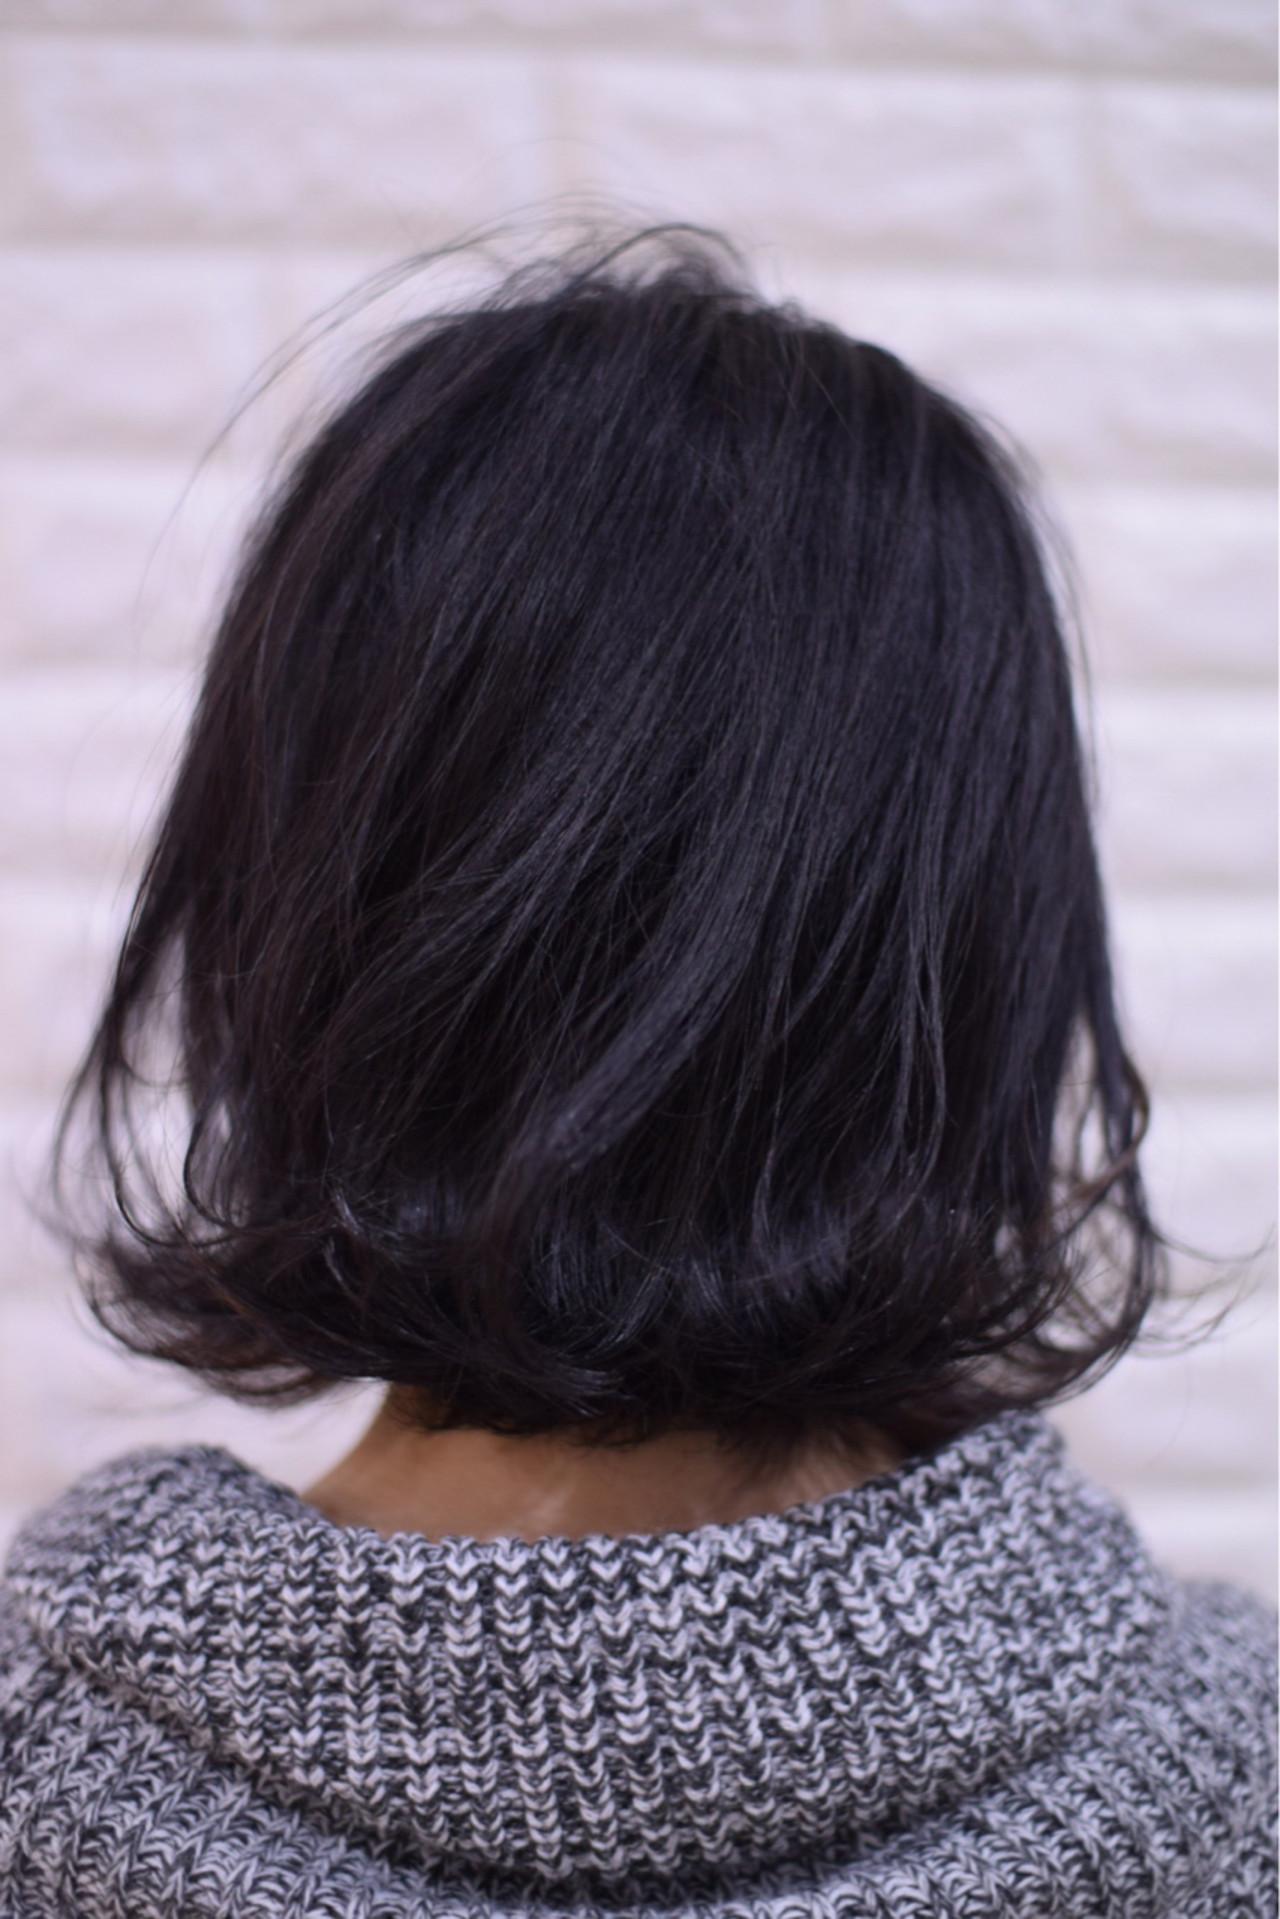 アンニュイほつれヘア ボブ 簡単ヘアアレンジ フェミニン ヘアスタイルや髪型の写真・画像